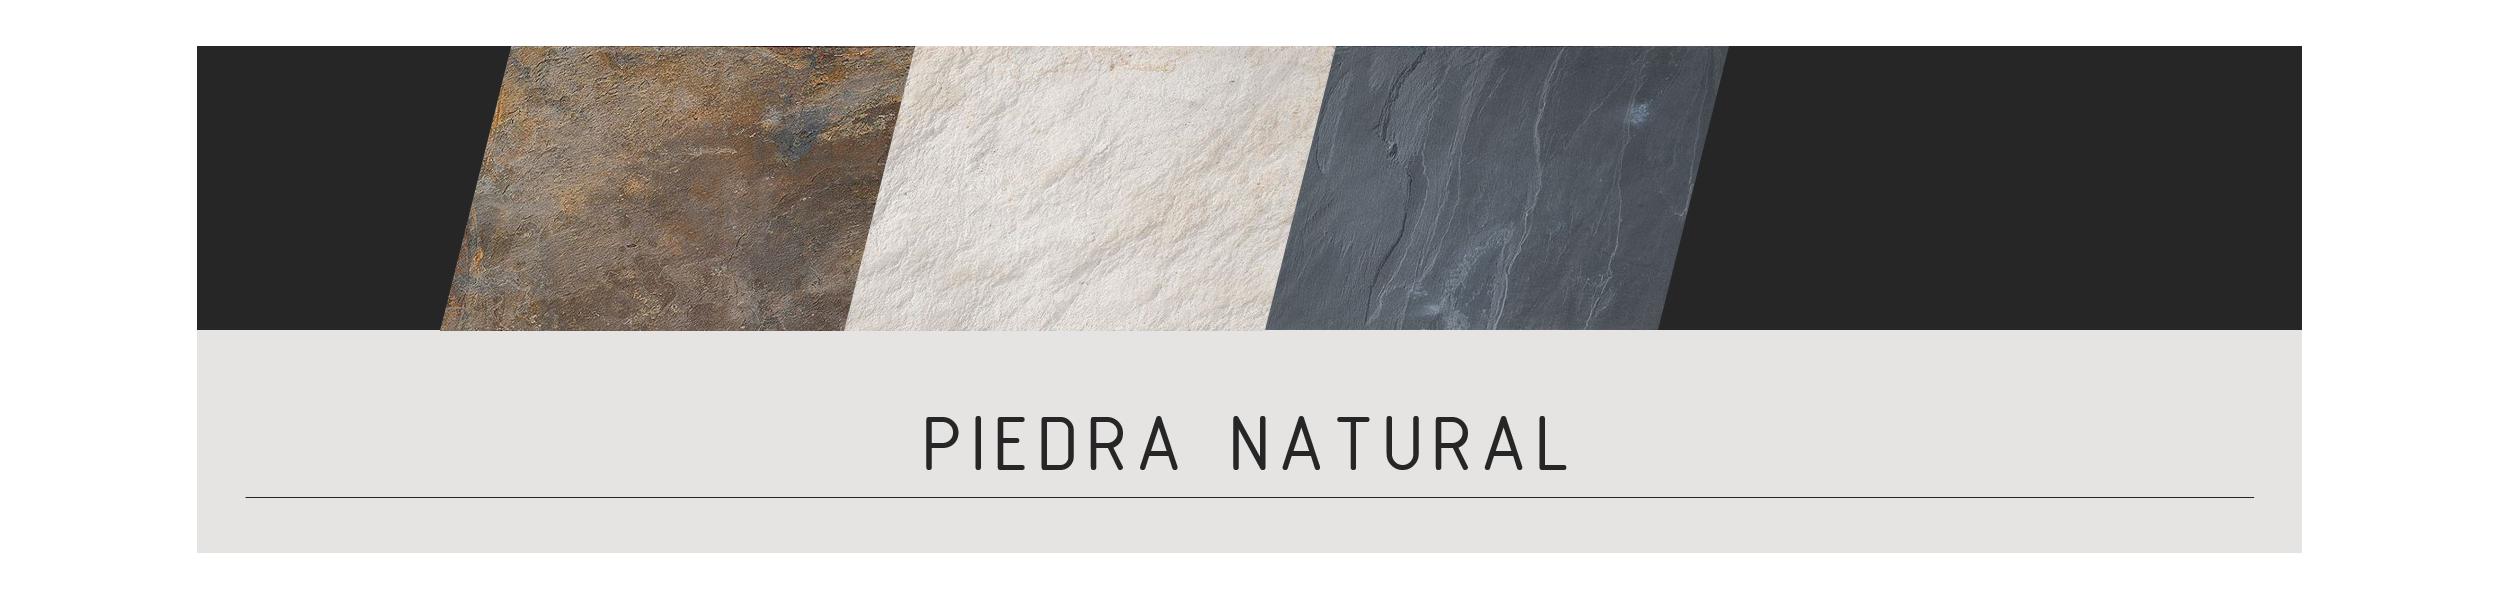 Piedra natural encimera de granito ateret cer micas - Encimera piedra natural ...